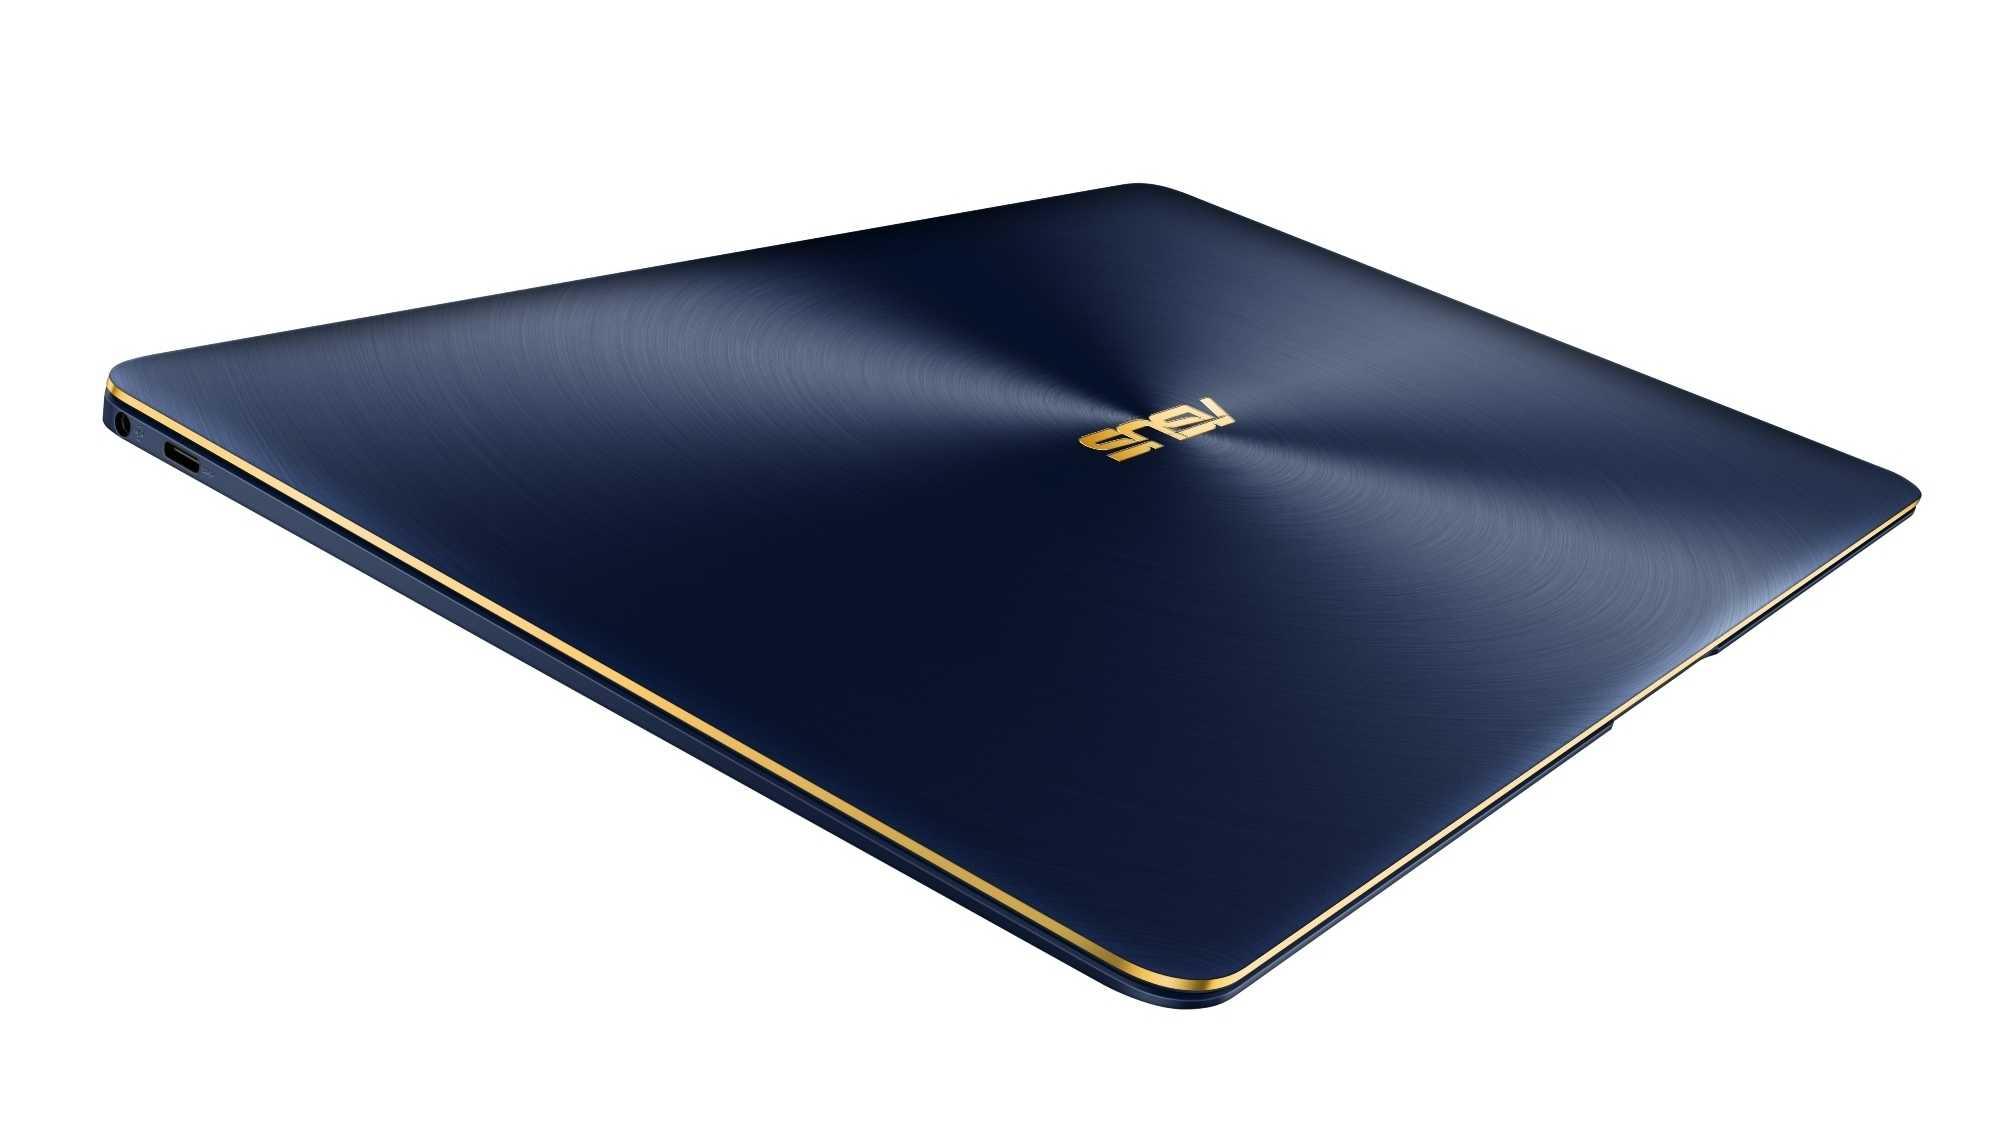 Asus ZenBook 3 Deluxe: Schickes Notebook mit 14-Zoll-Bildschirm